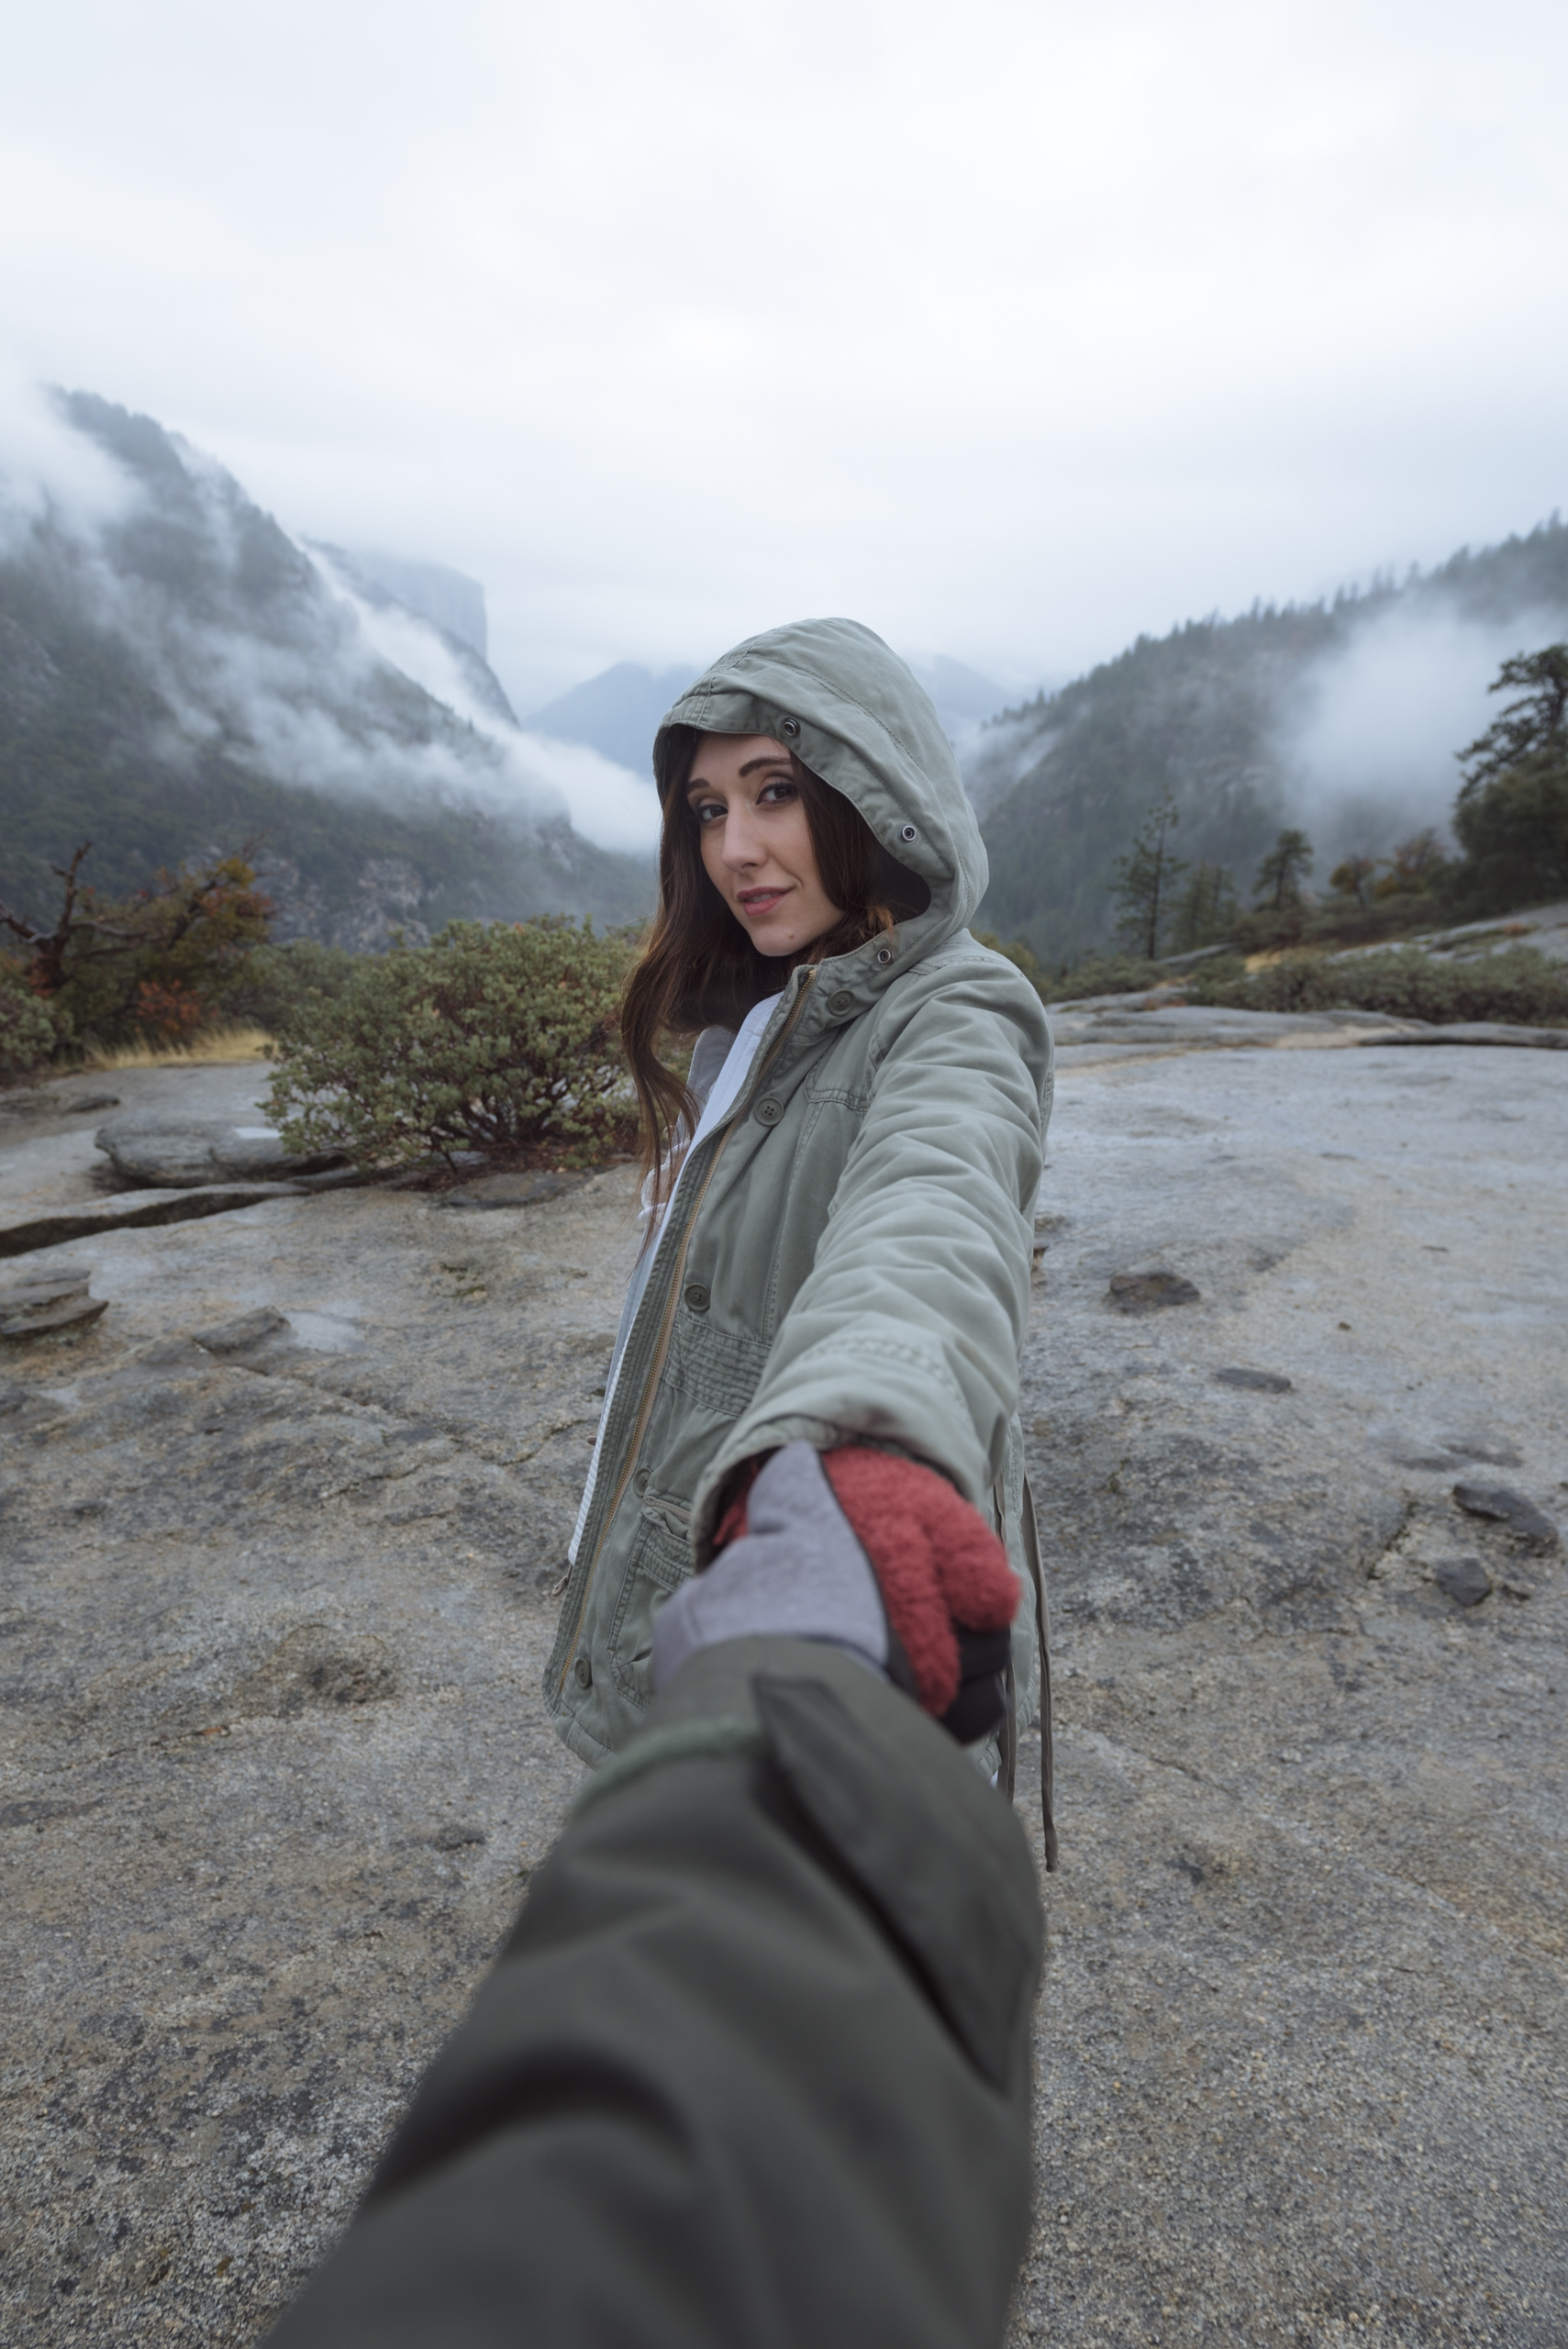 Yosemite holds beautiful land l - avkinder | ello